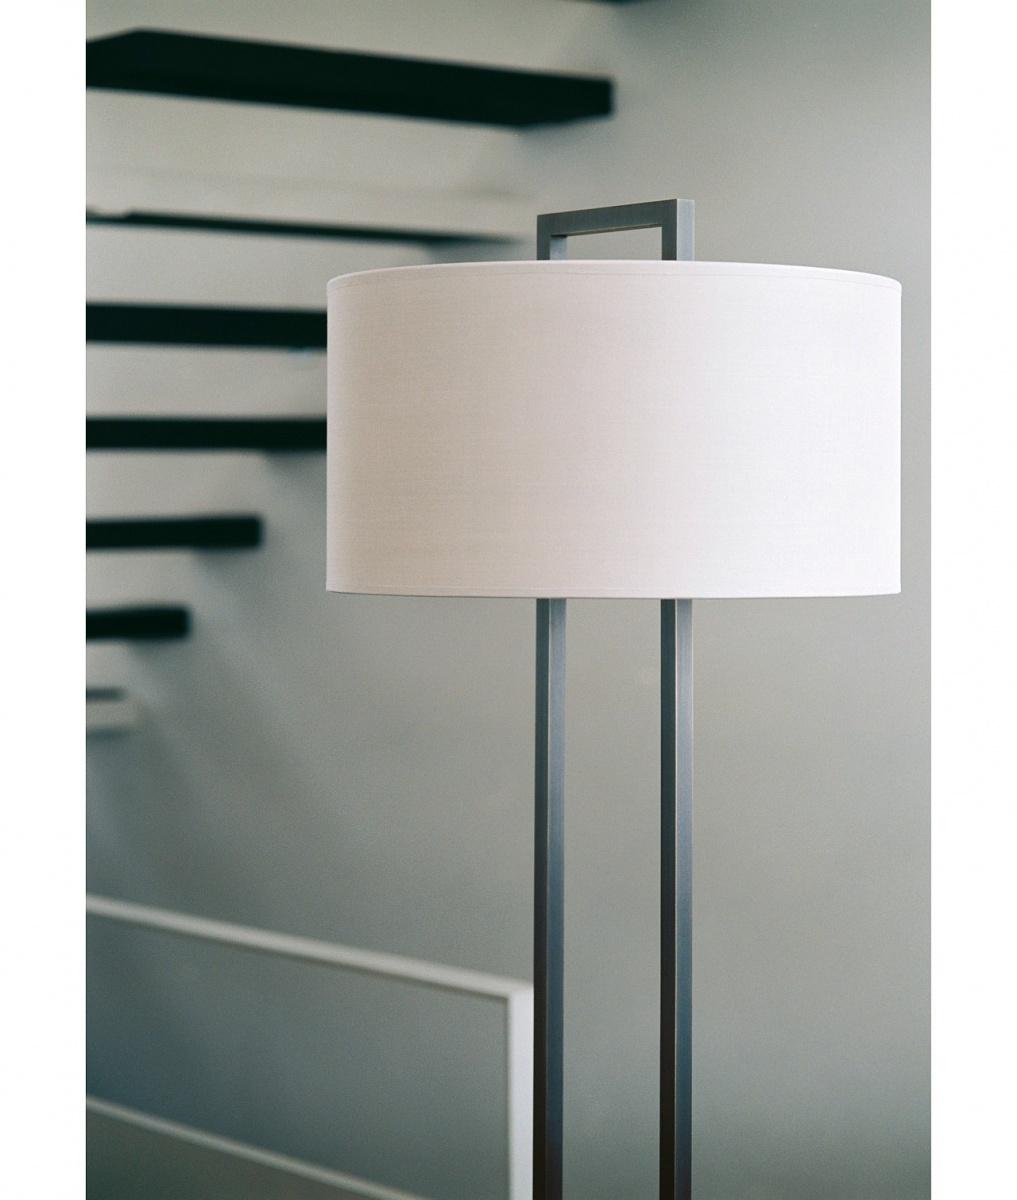 sda verlichting leefruimte staanlamp high res 01 183